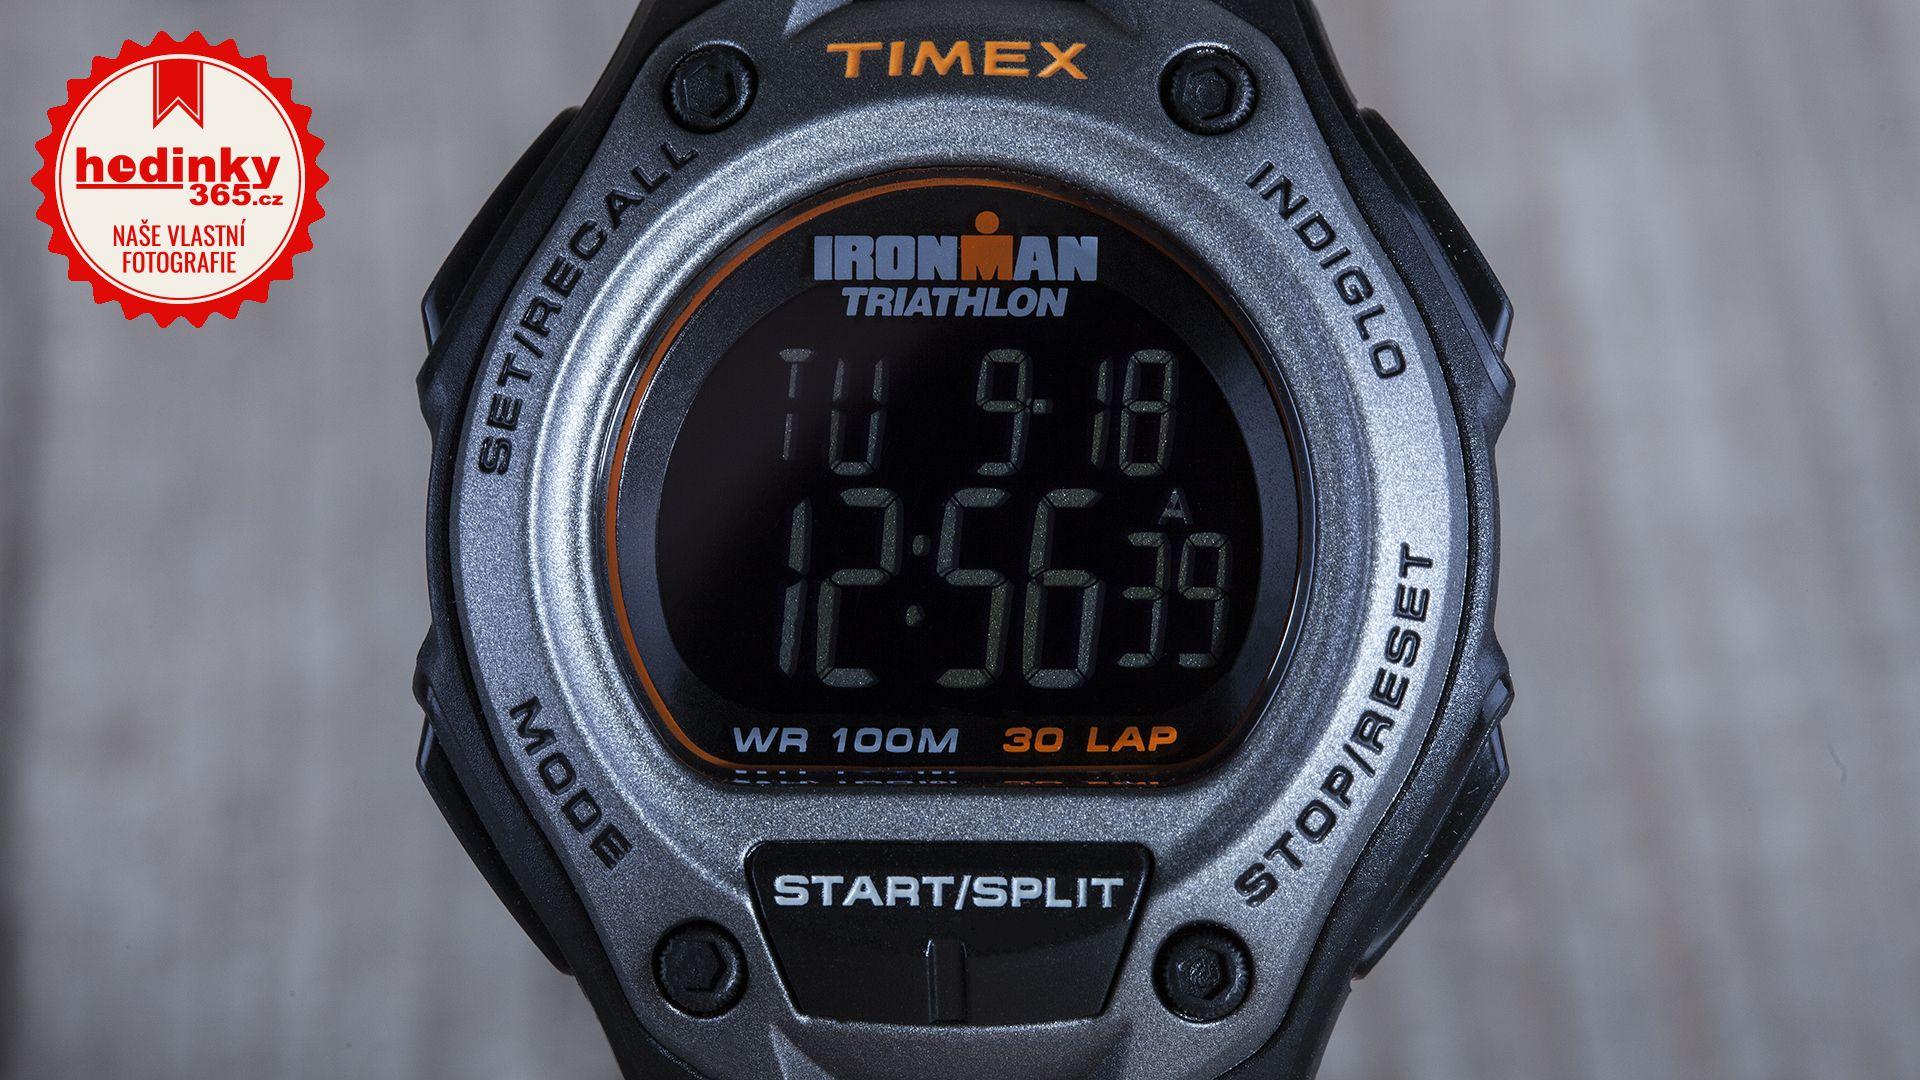 6649b9b5a Timex Ironman T5K758. Pánské hodinky - pryžový řemínek, plast pouzdro,  plastové sklíčko. Veškeré technické parametry naleznete níže